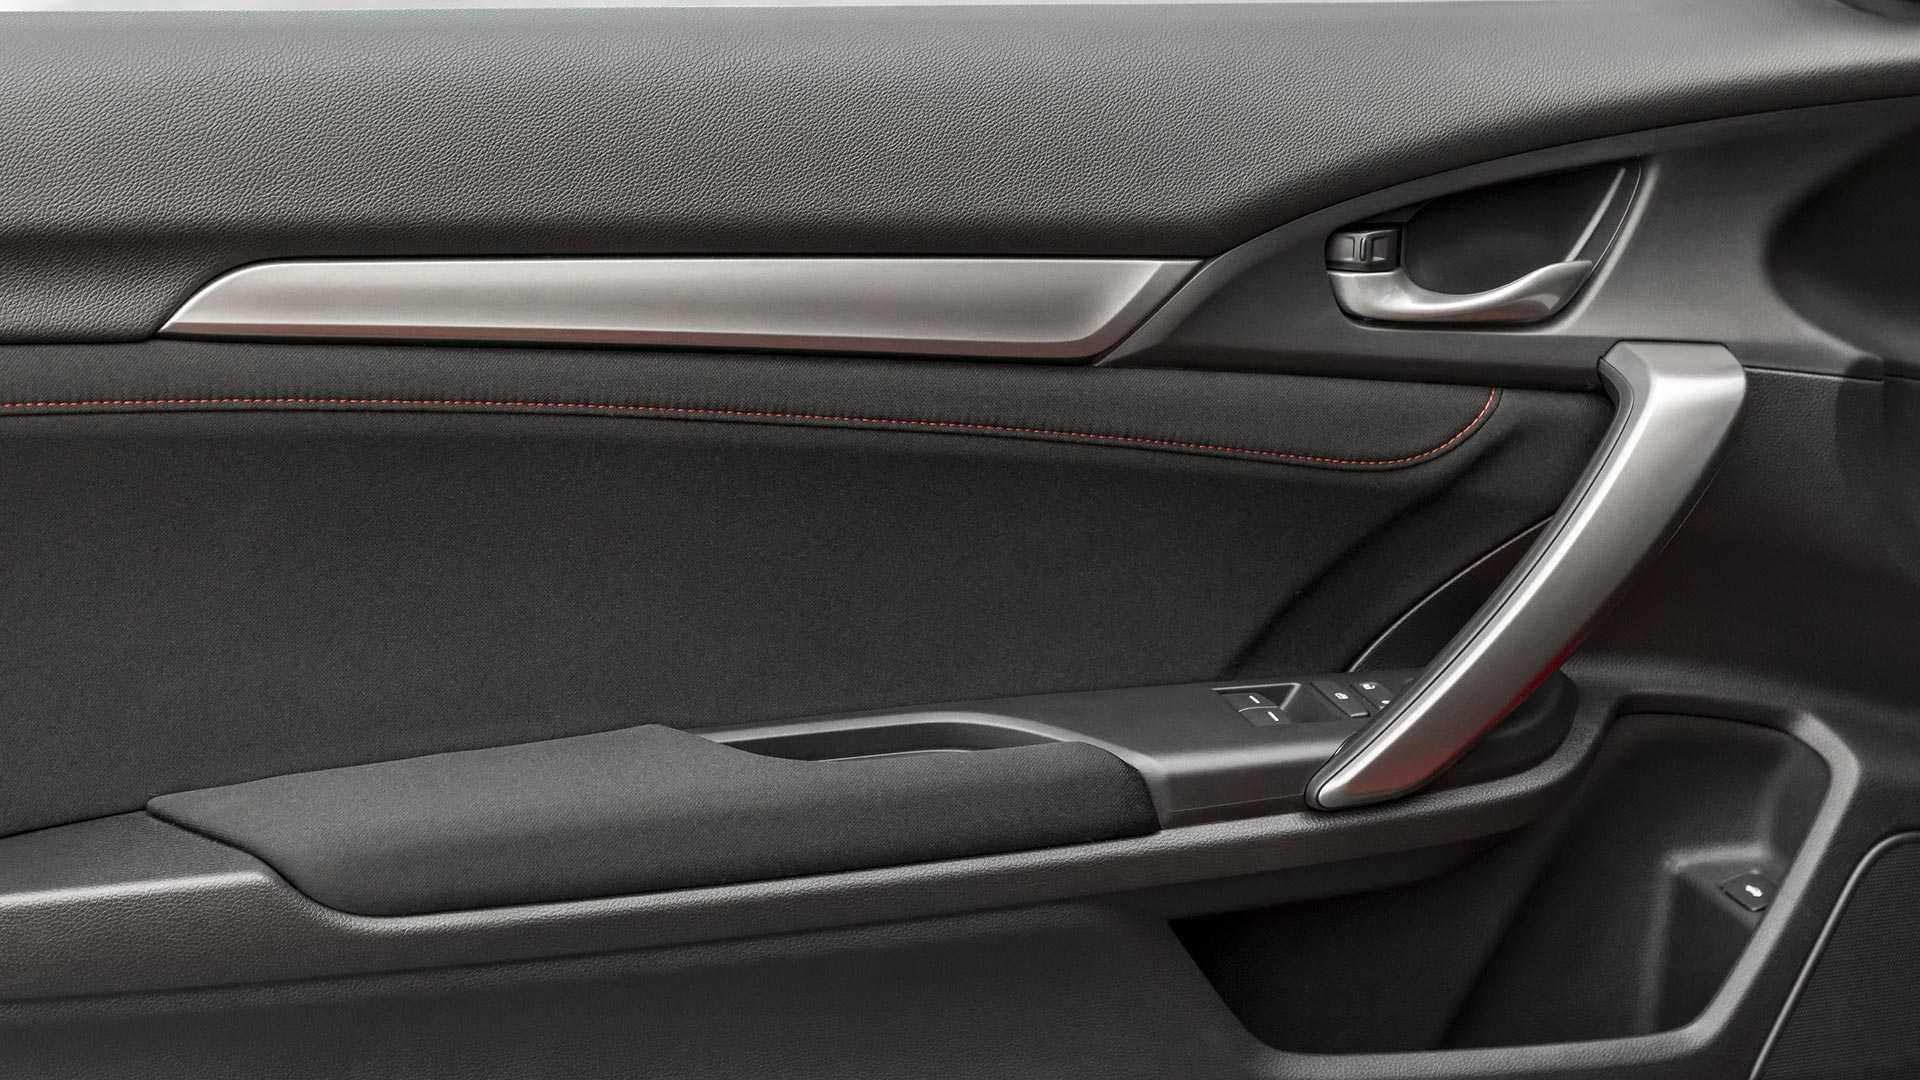 Khám phá Honda Civic Si 2020 phiên bản thể thao - 20